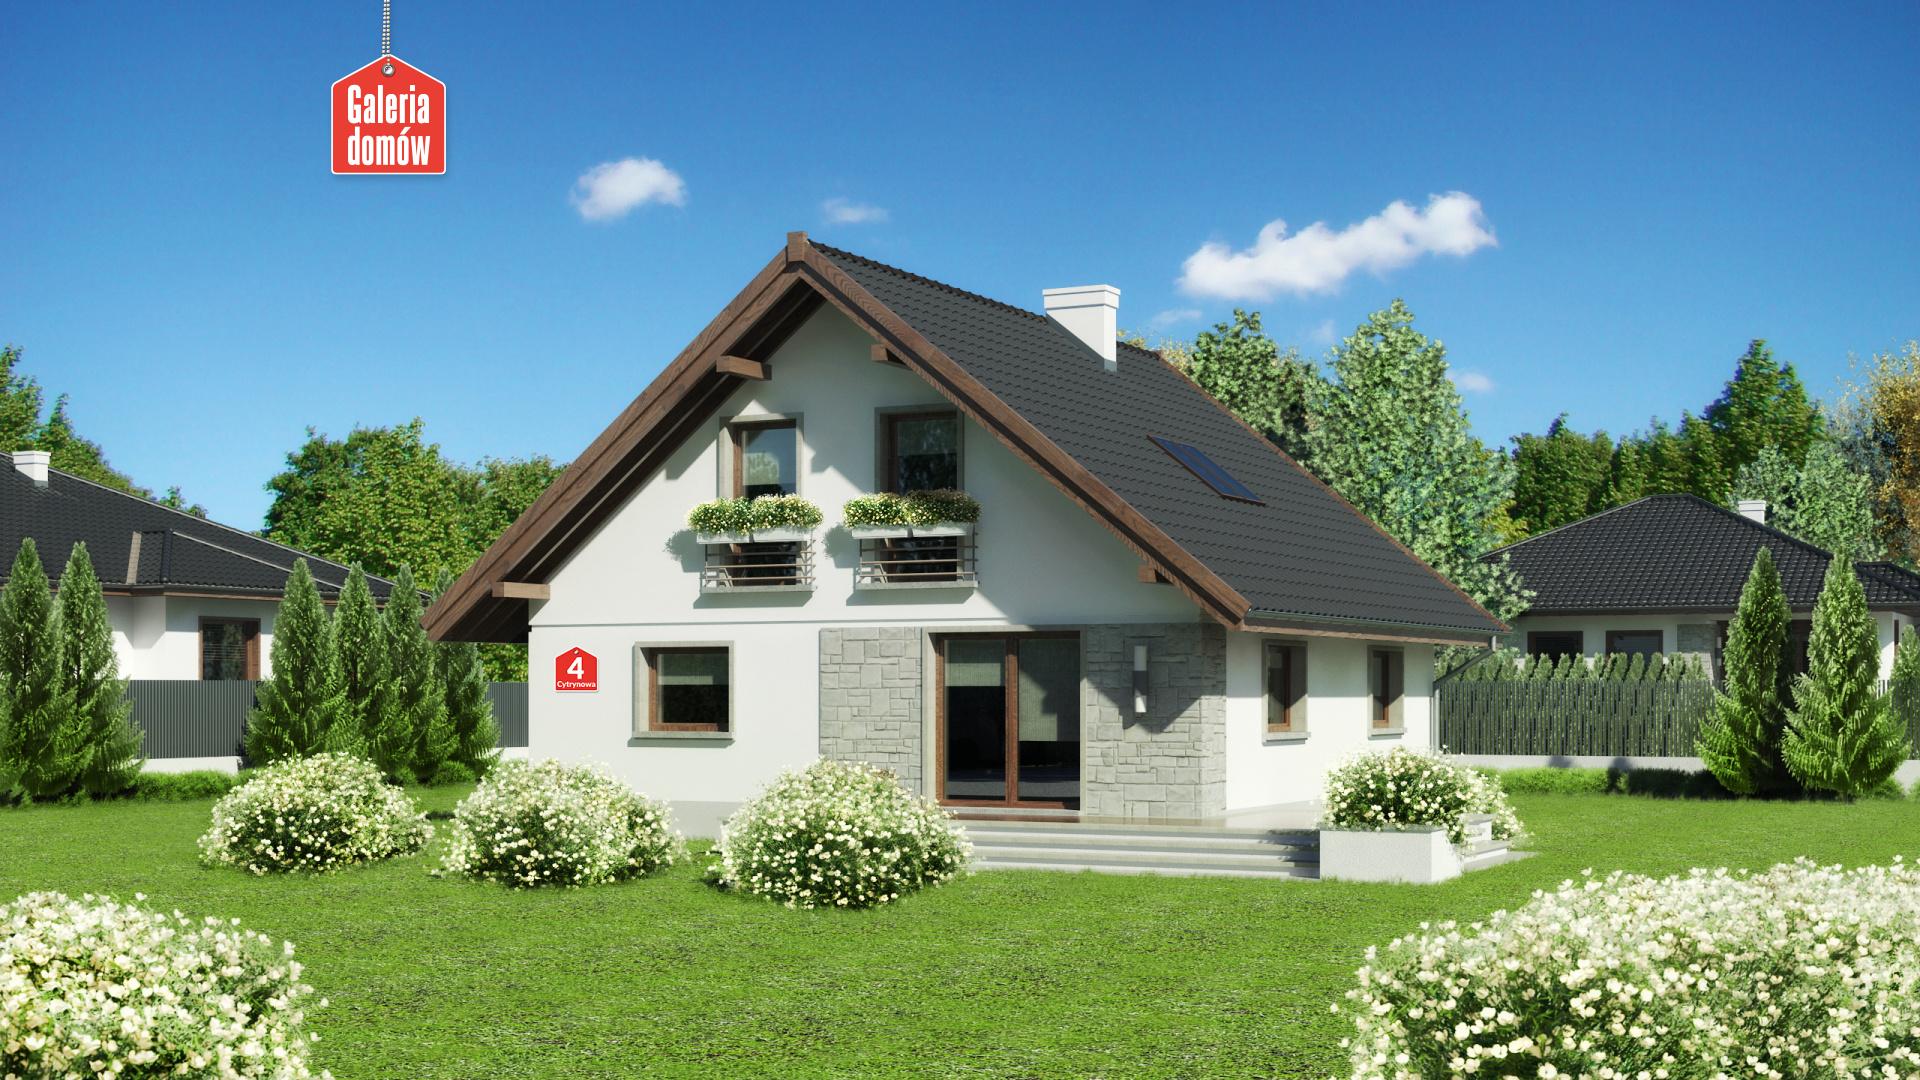 Dom przy Cytrynowej 4 - zdjęcie projektu i wizualizacja